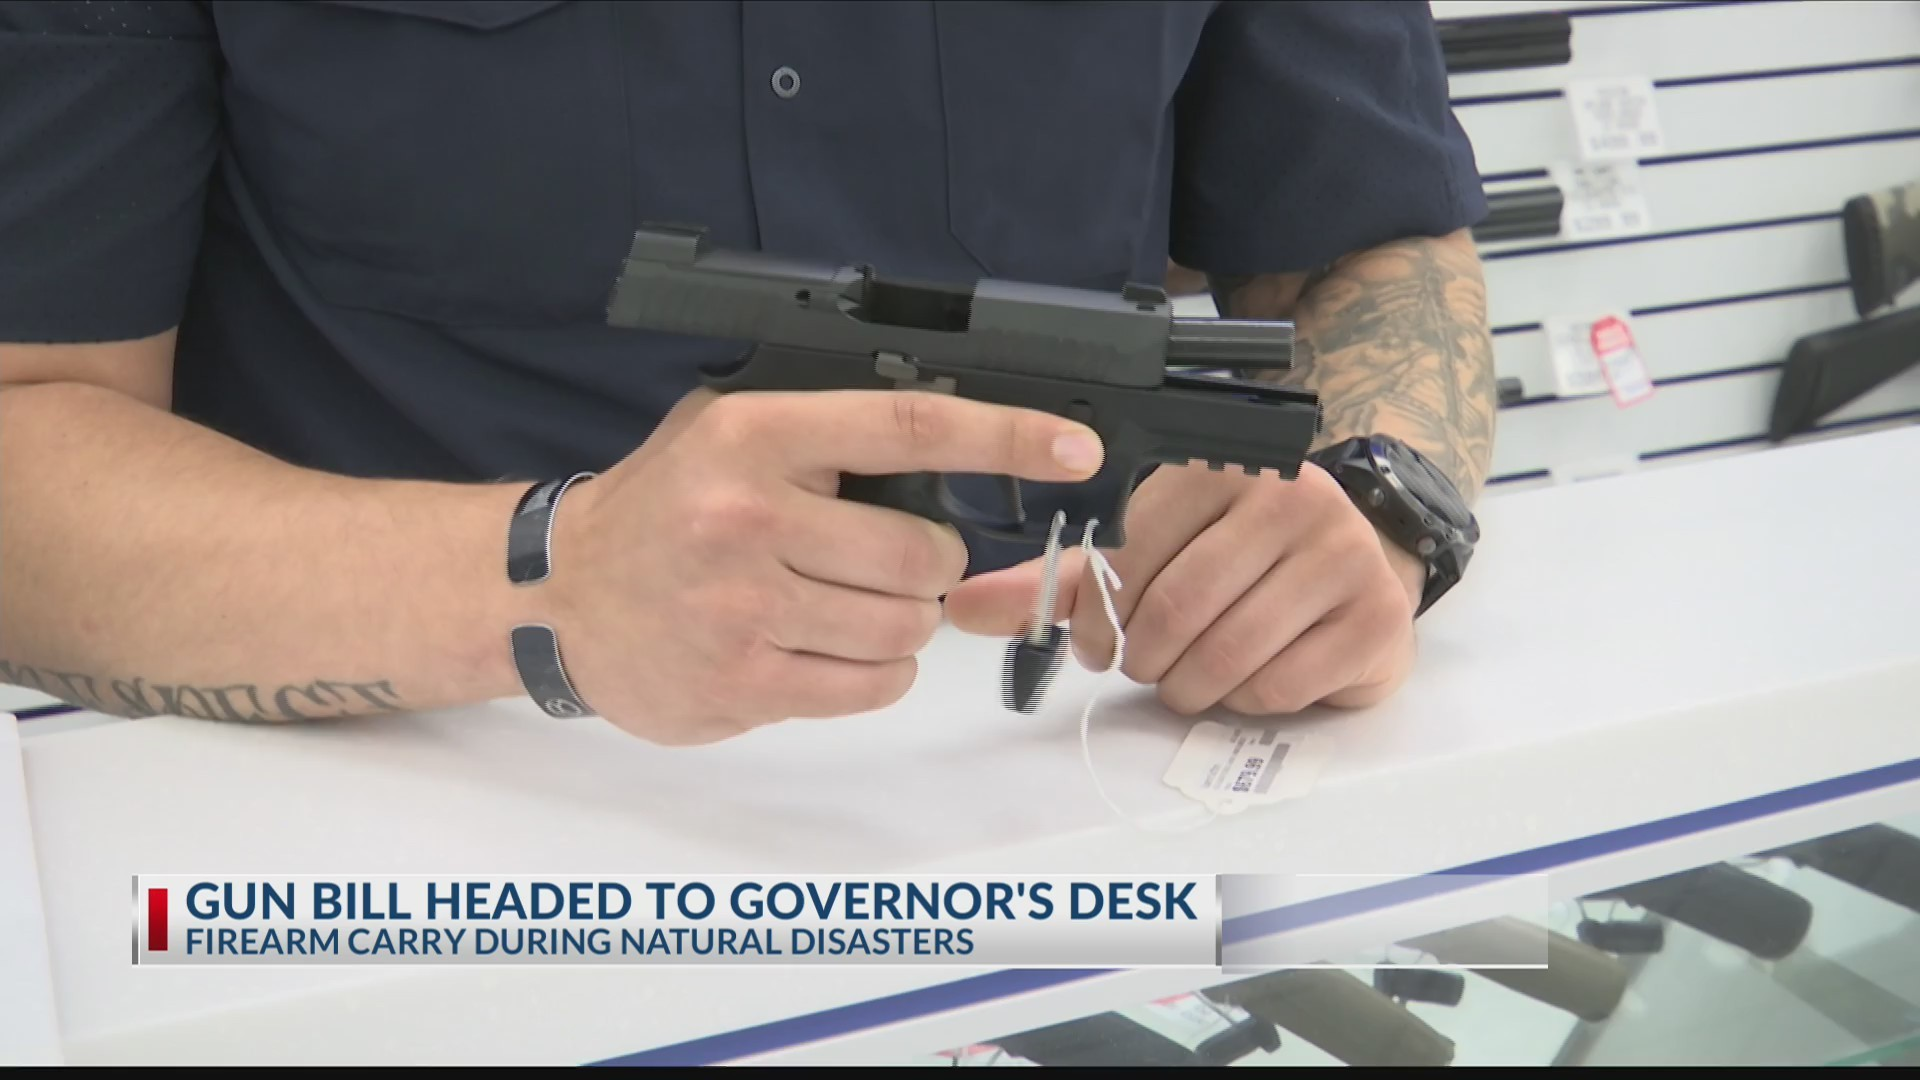 Texas_gun_bill_will_allow_firearm_carry__0_20190528232830